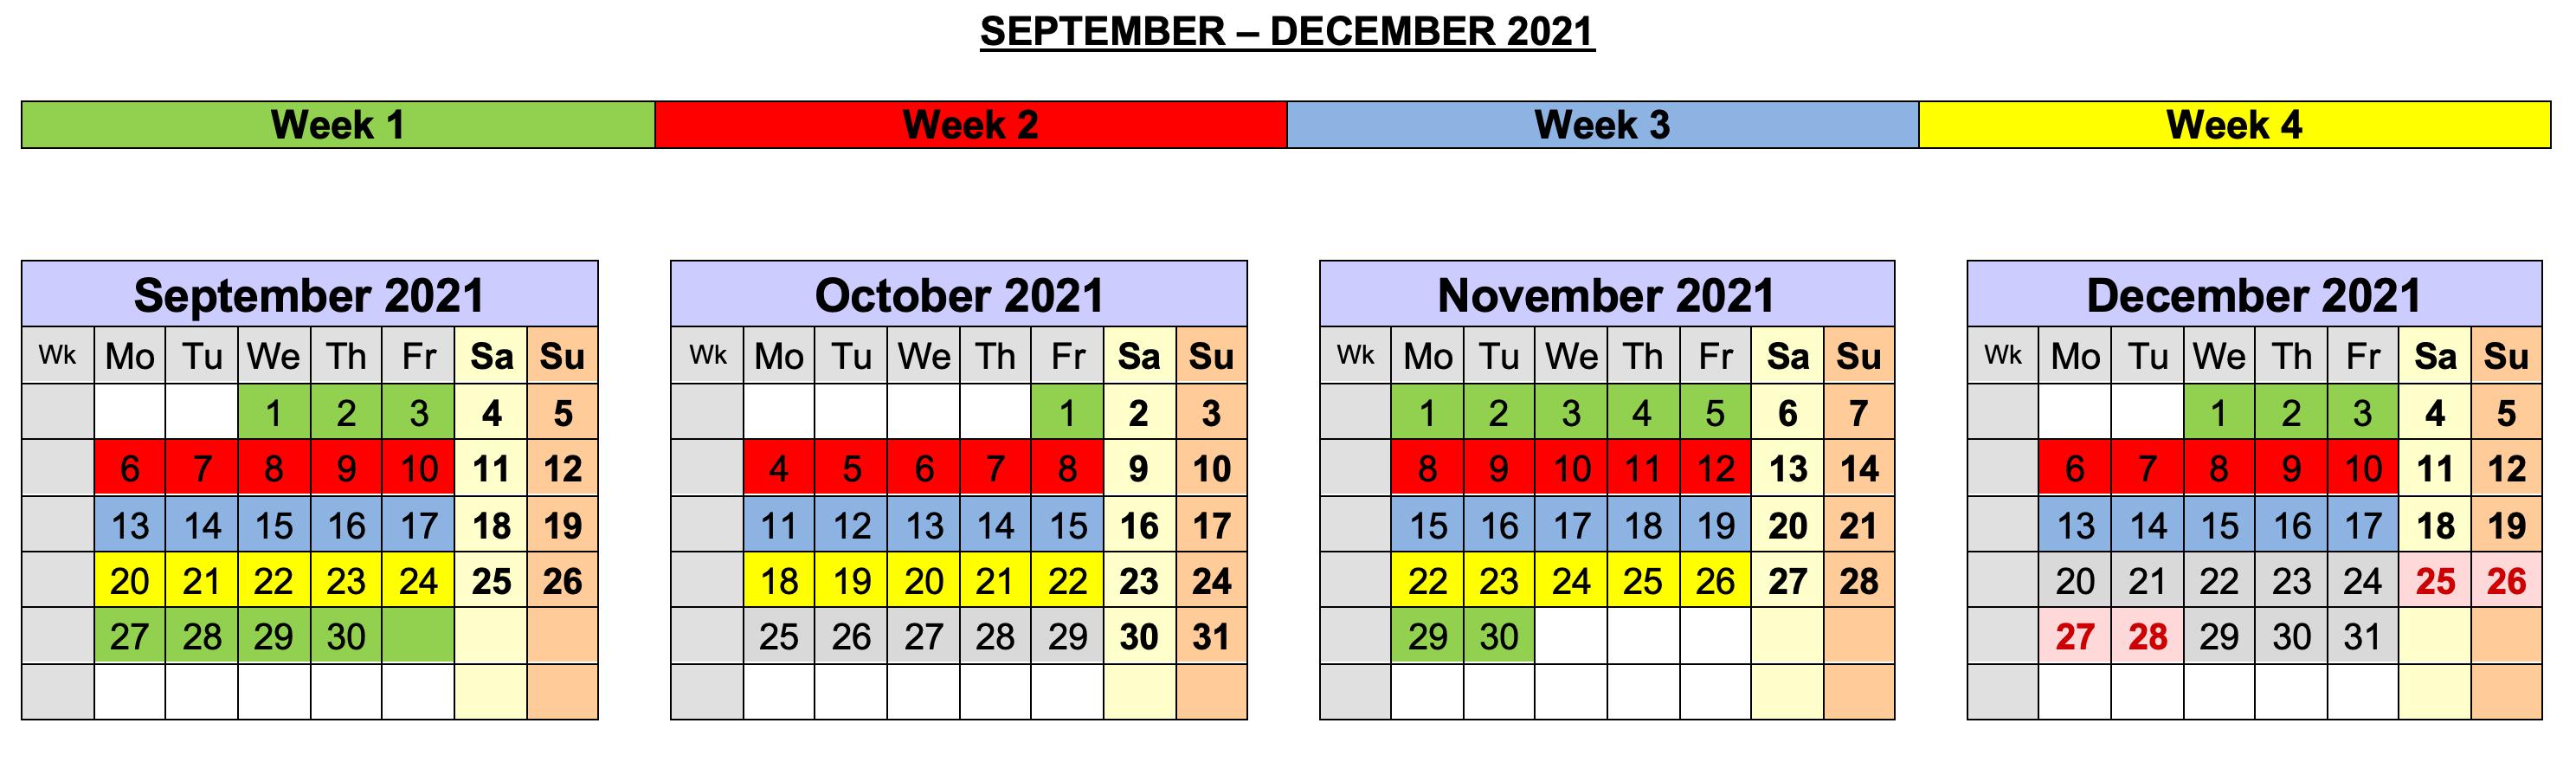 Screenshot 2021-09-29 at 09.14.16